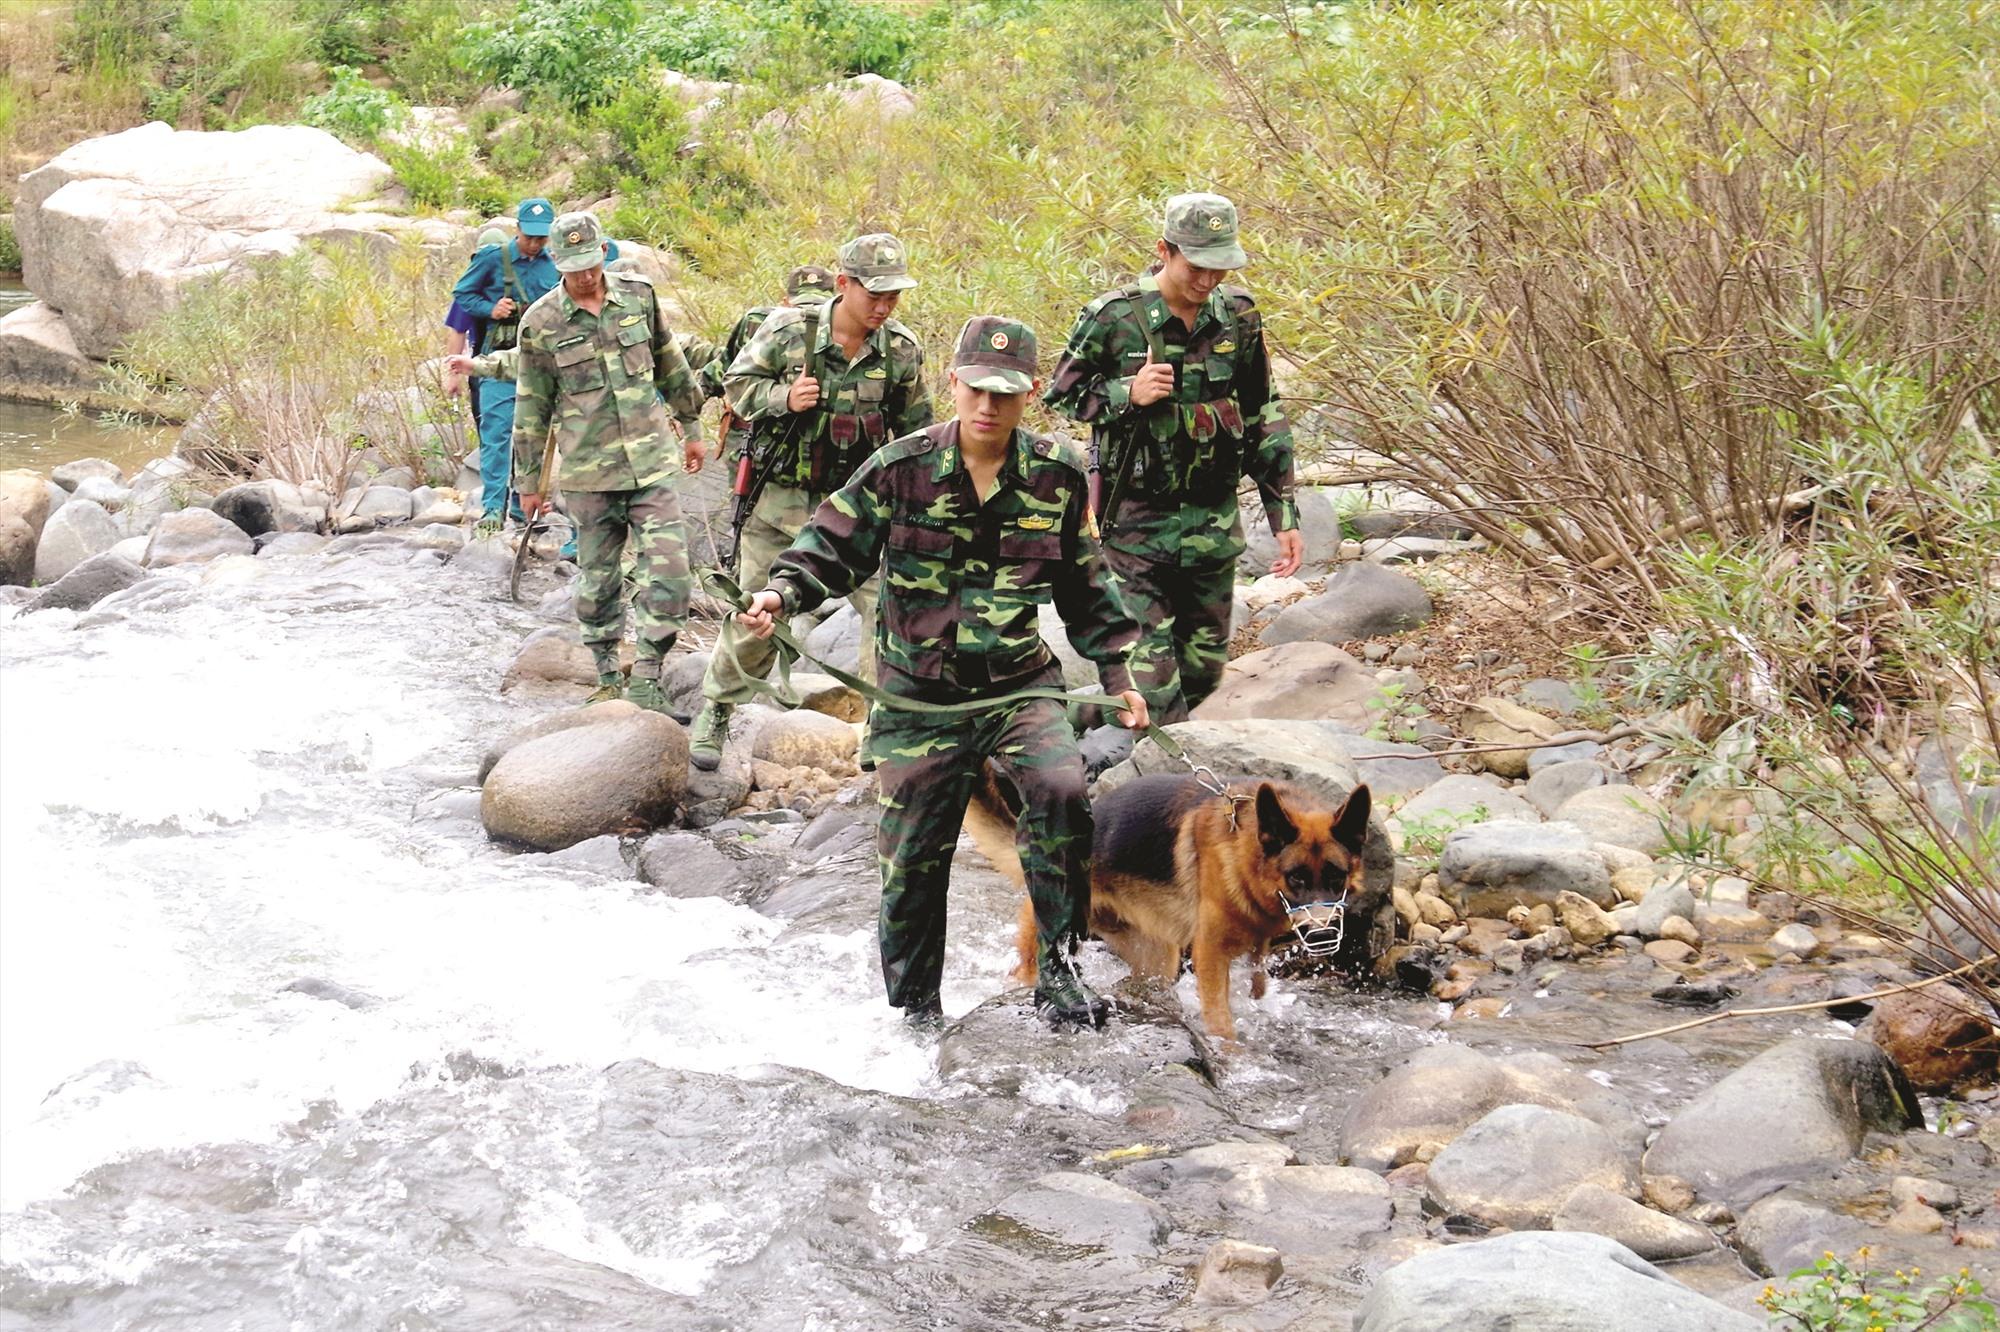 Chiến sĩ BĐBP và dân quân các xã biên giới trên đường tuần tra, kiểm soát địa bàn. Ảnh: ALĂNG NGƯỚC